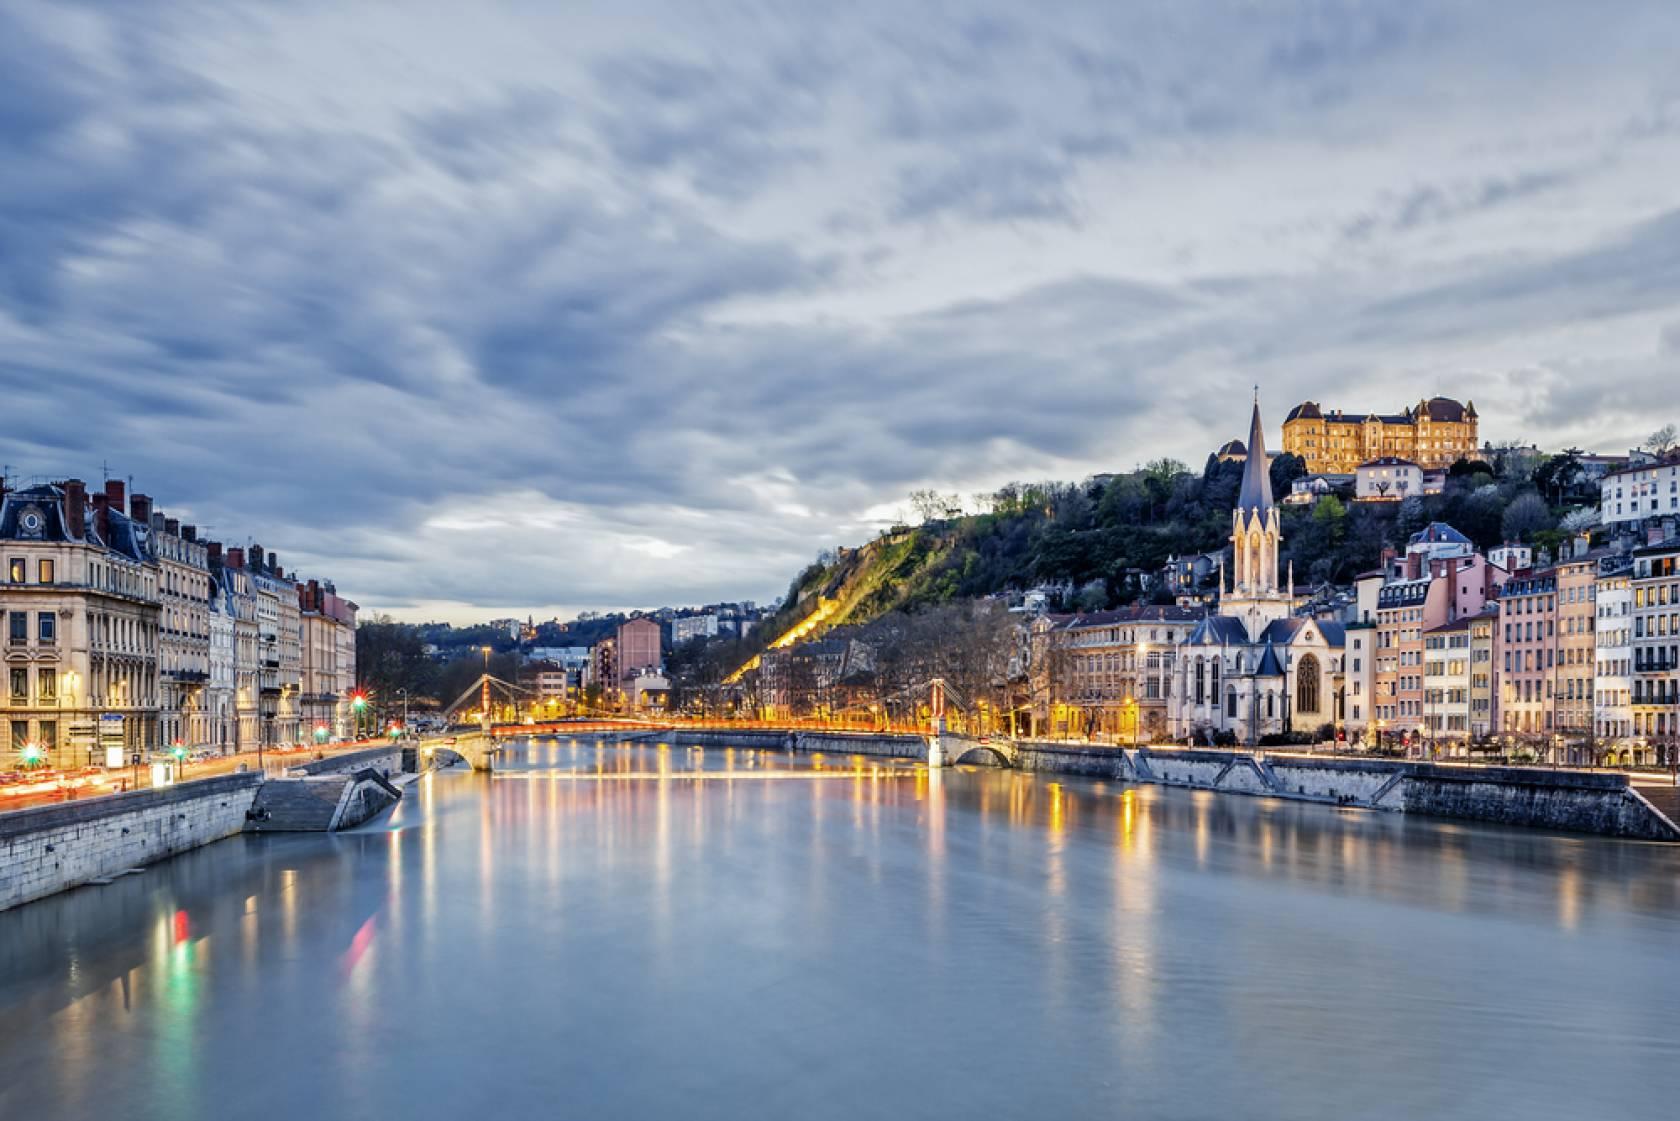 映画の舞台になったフランスの観光地 リヨン